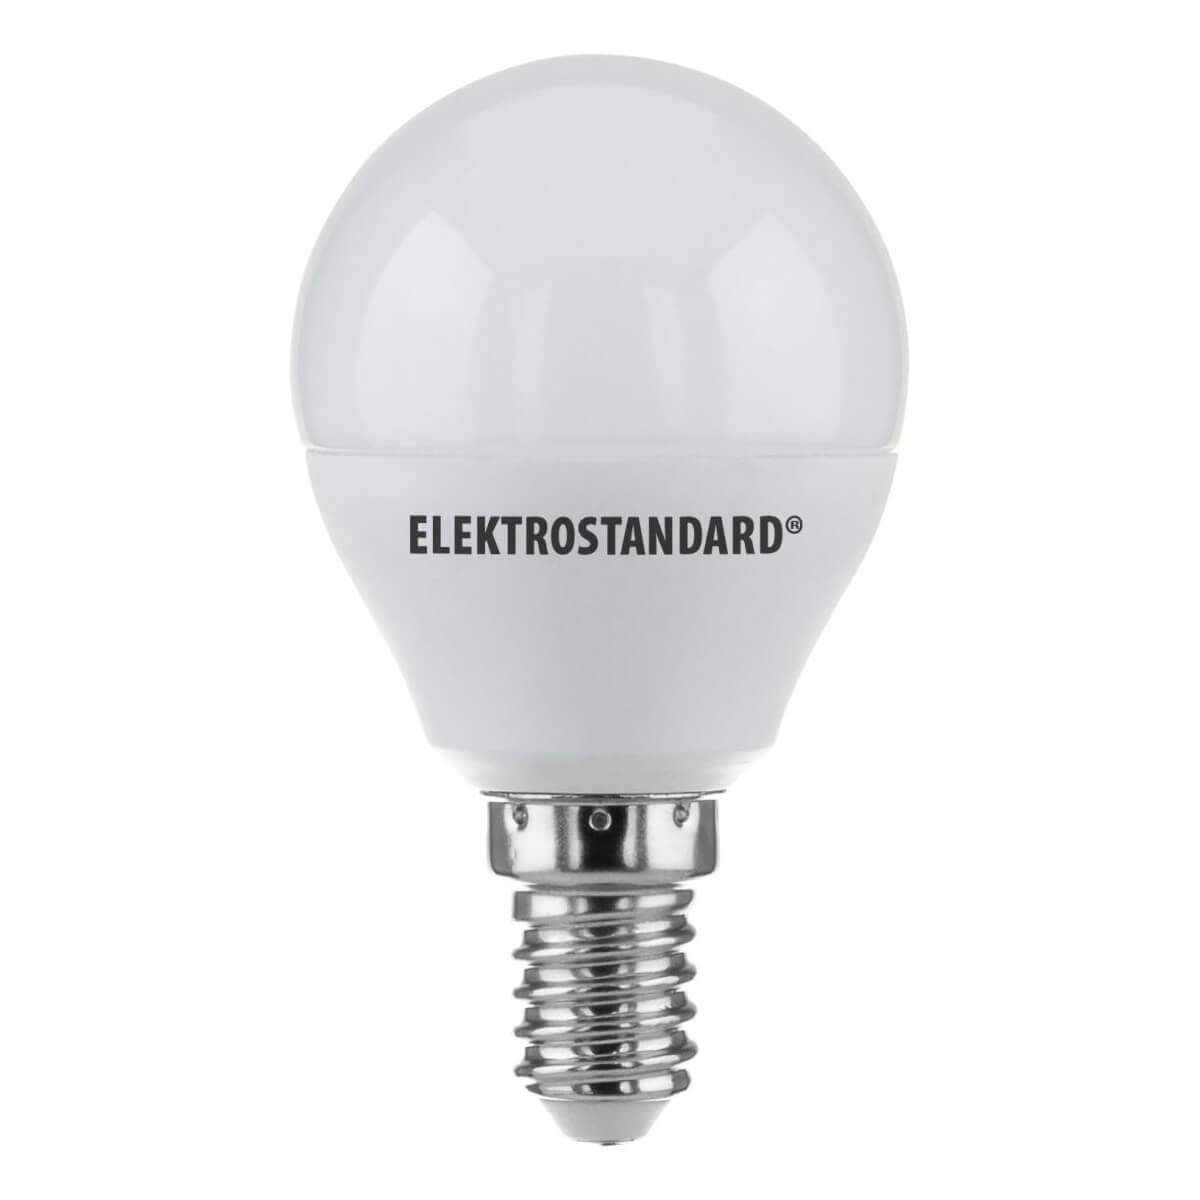 Лампочка Elektrostandard 4690389041556 Mini Classic LED